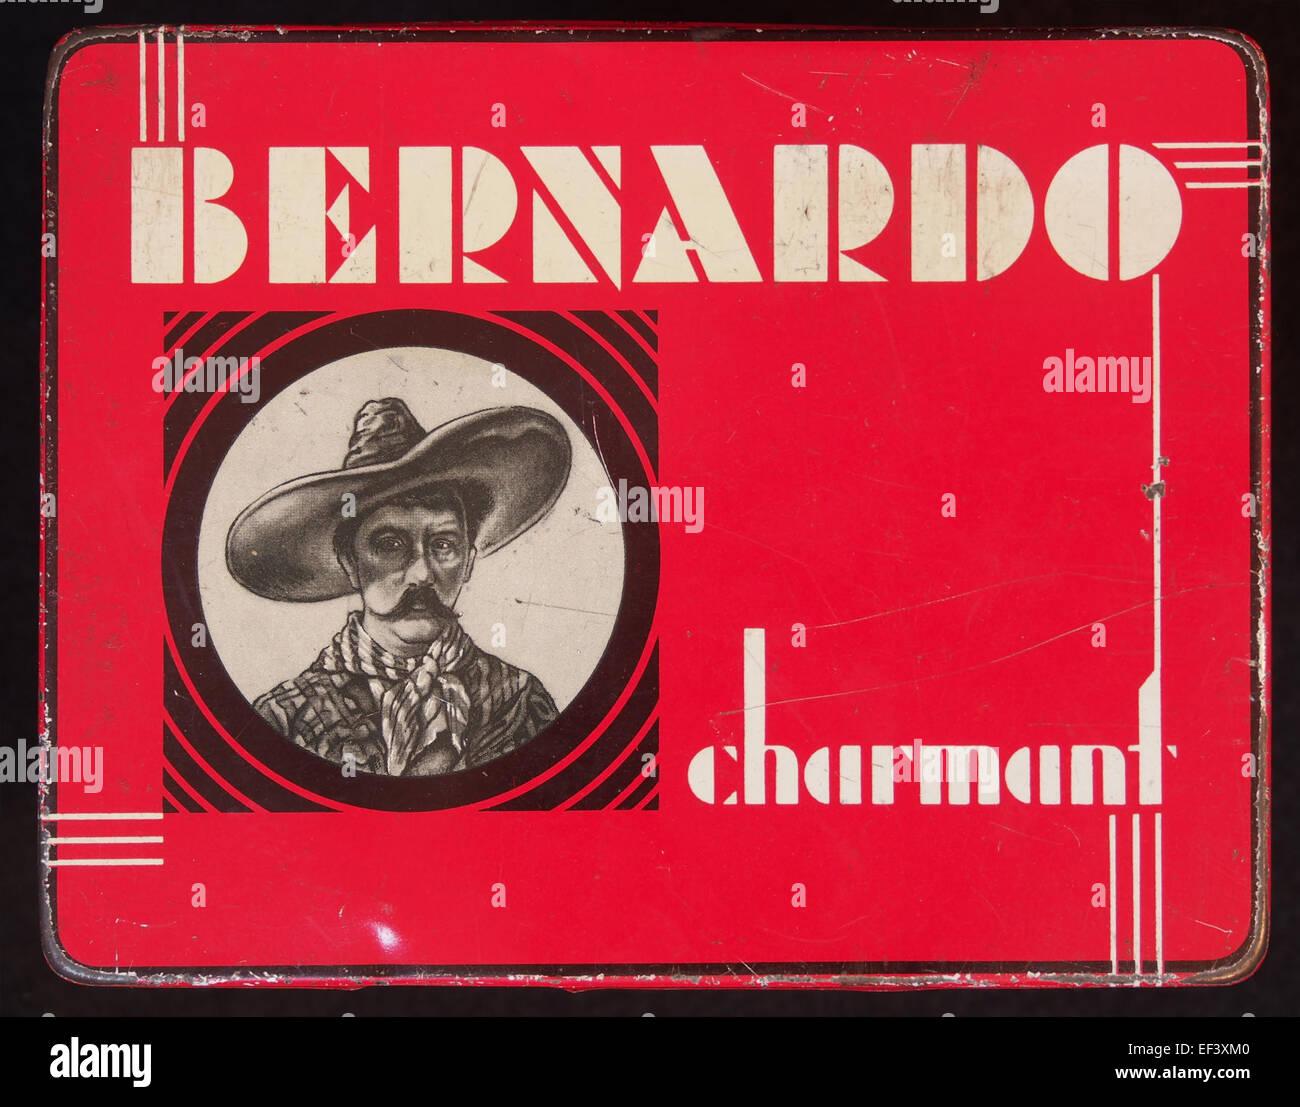 Bernardo Charmant sigarenblikje - Stock Image